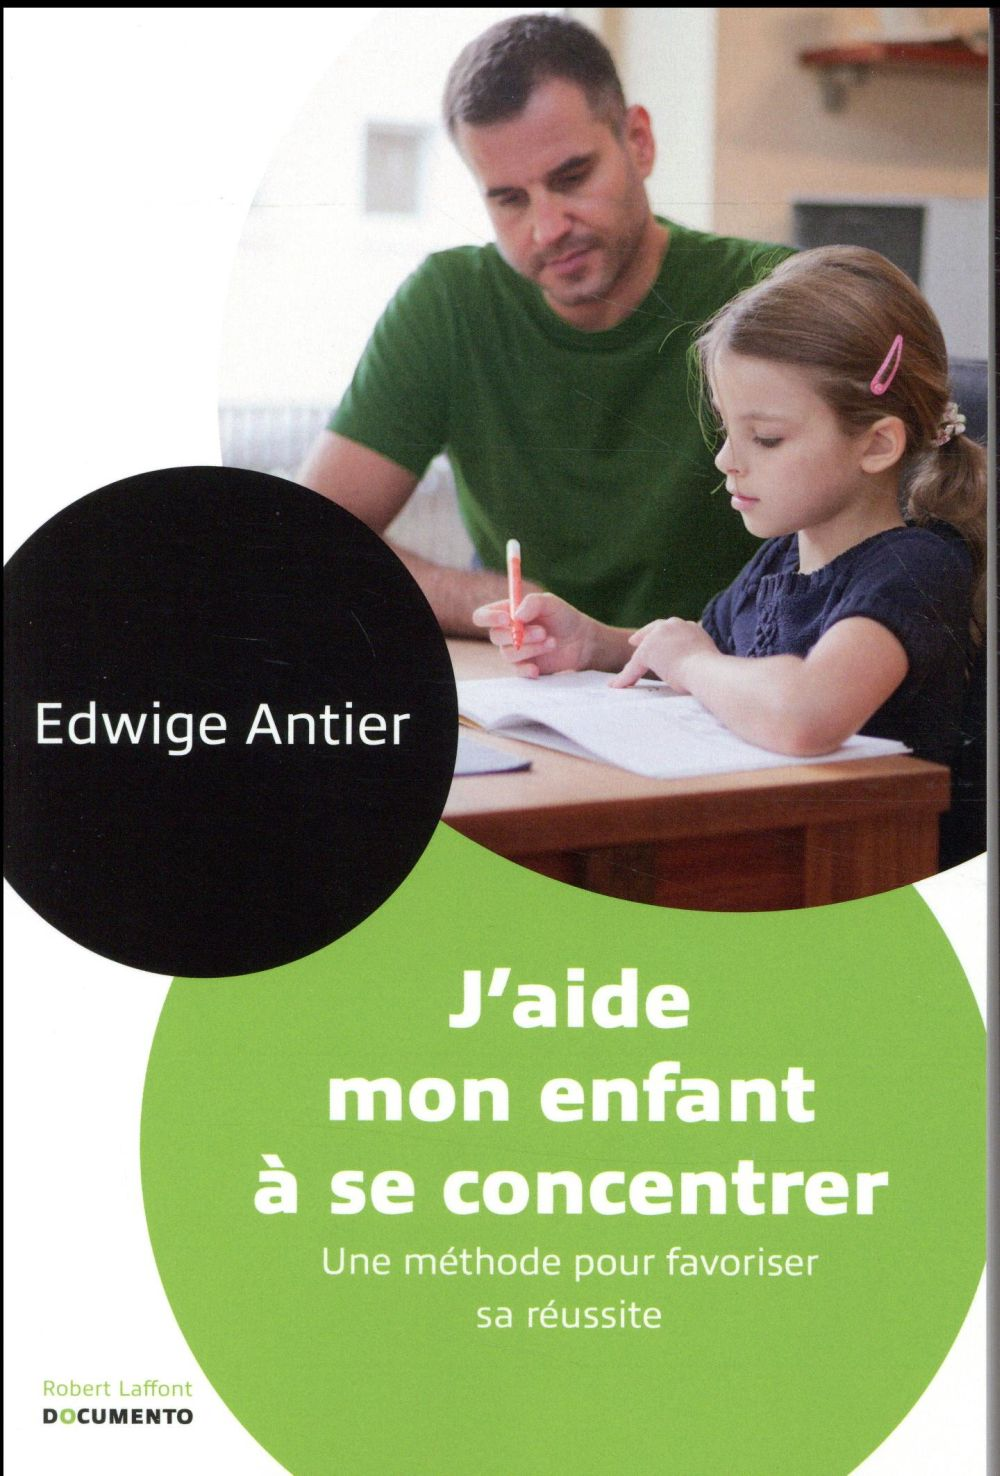 J'AIDE MON ENFANT A SE CONCENTRER - DOCUMENTO